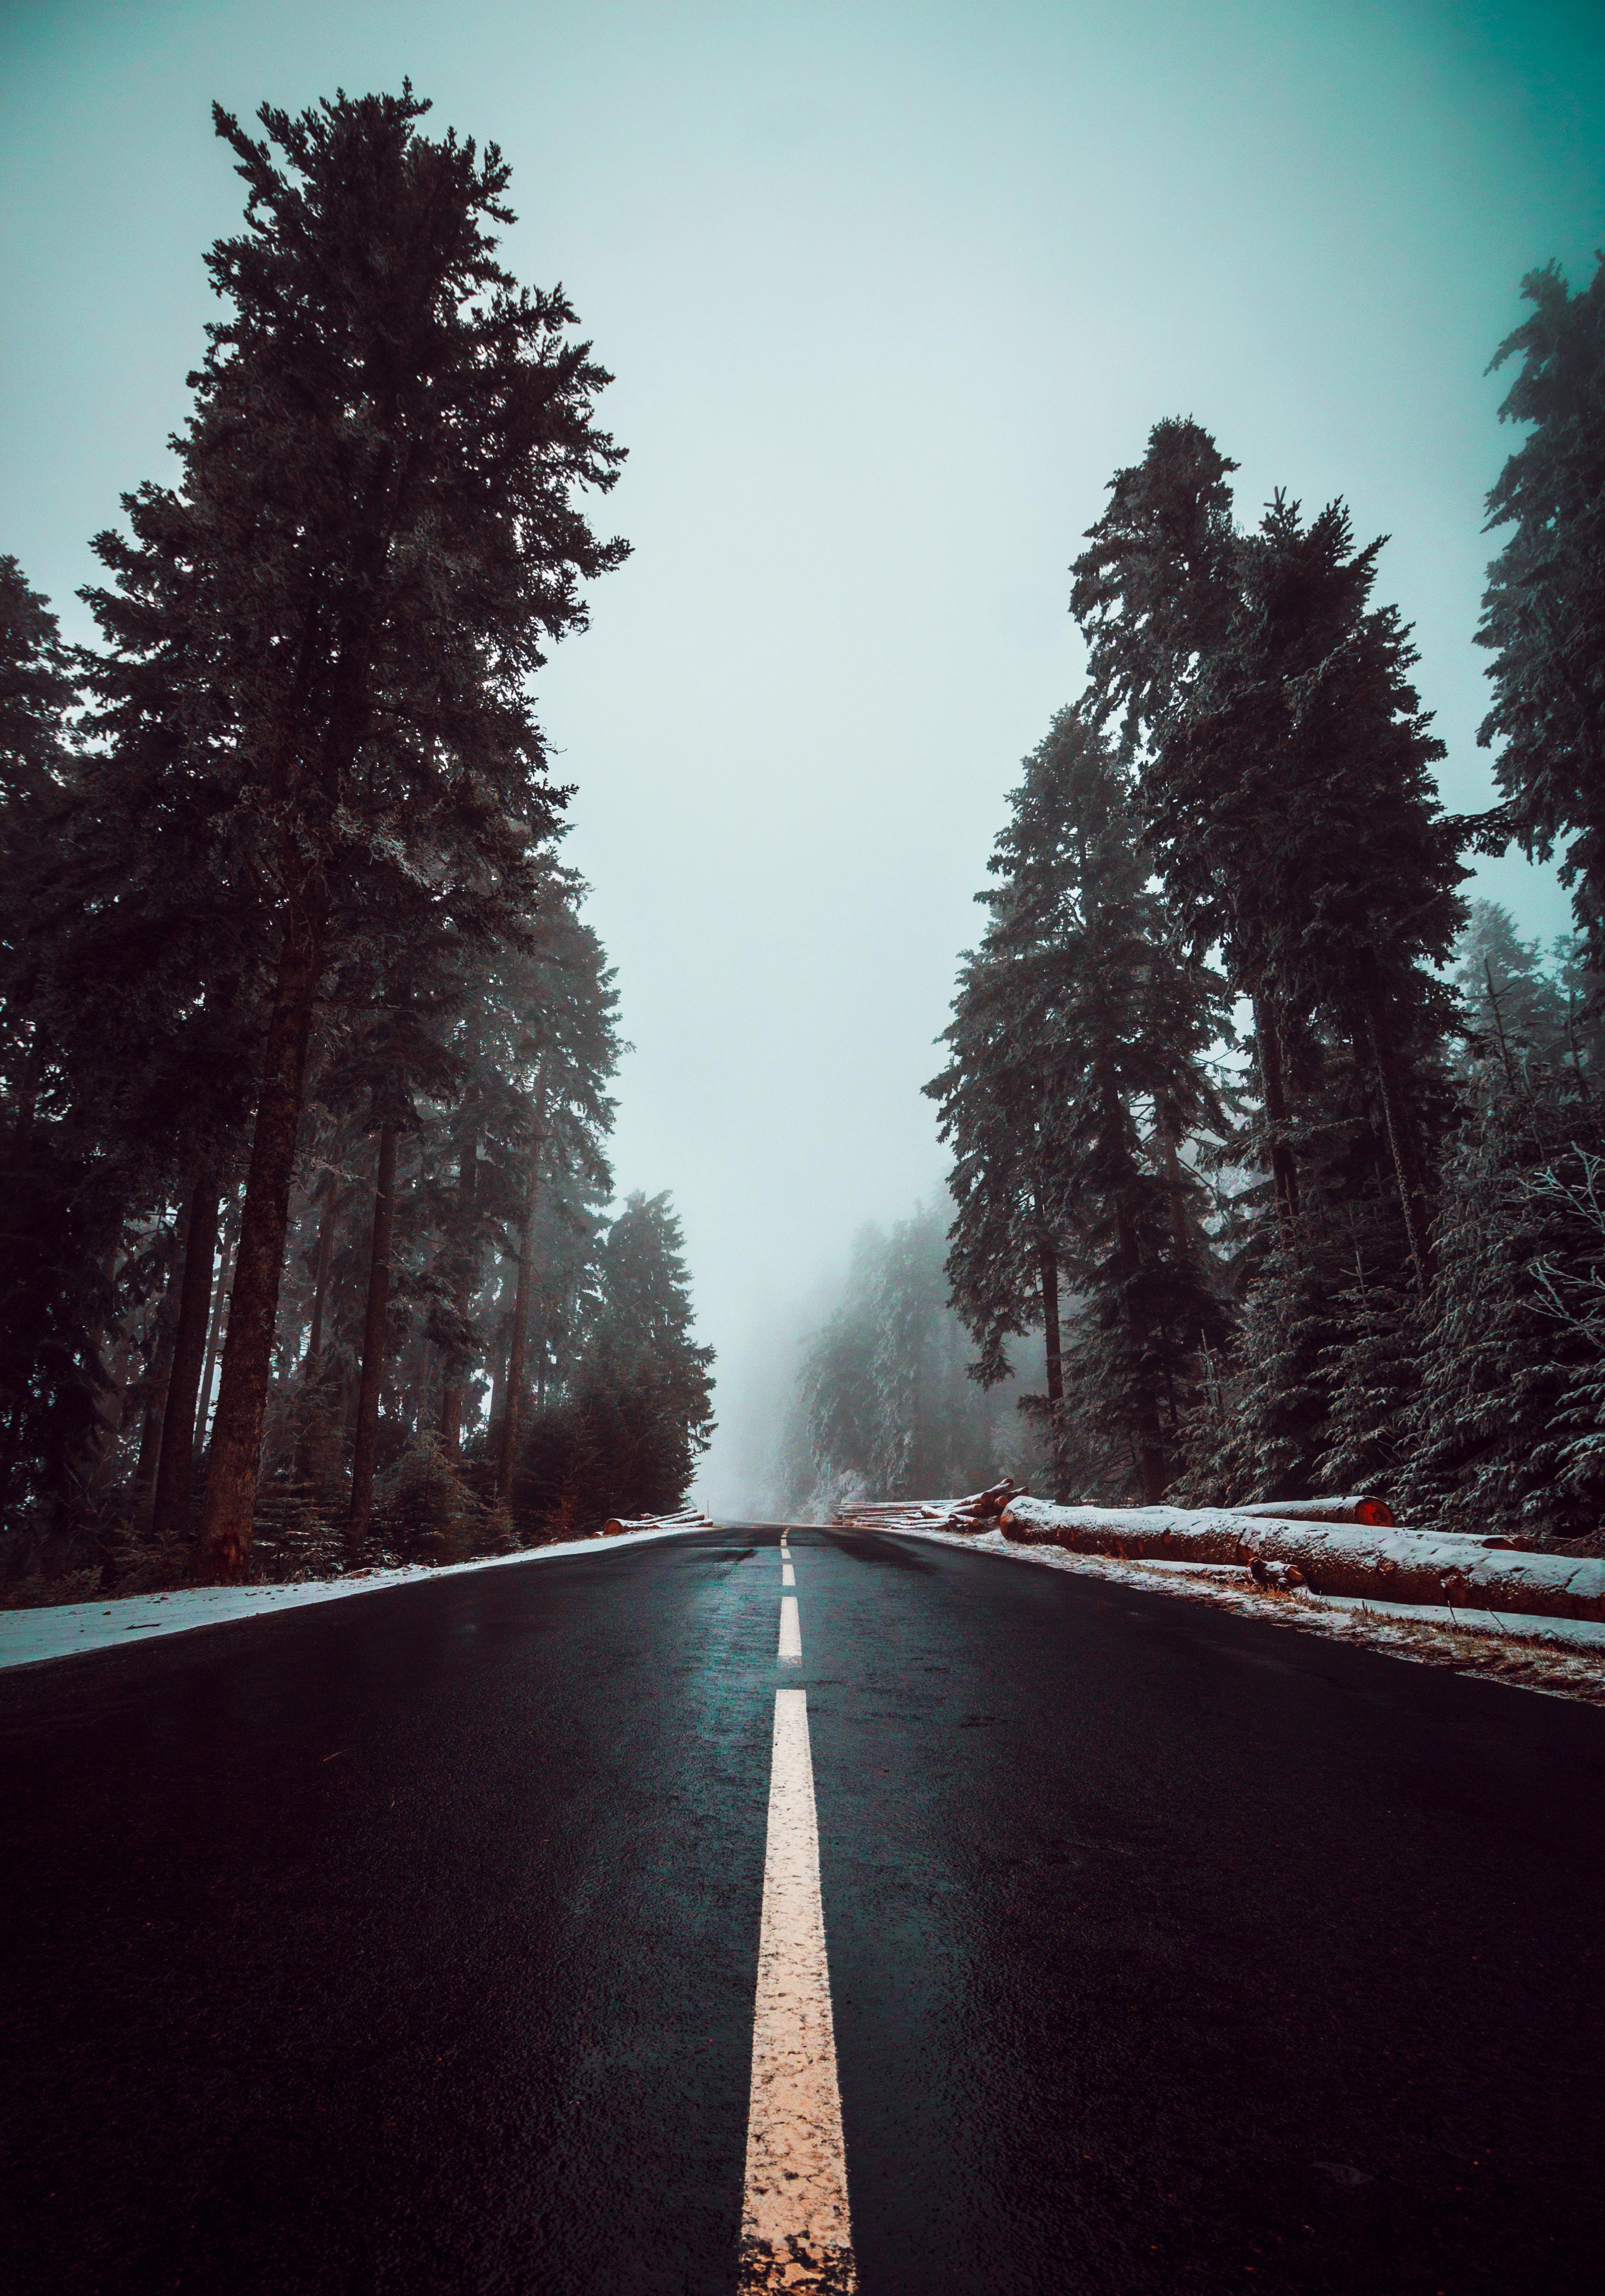 67476 fond d'écran 720x1520 sur votre téléphone gratuitement, téléchargez des images Nature, Arbres, Sky, Route, Balisage, Brouillard, Asphalte 720x1520 sur votre mobile